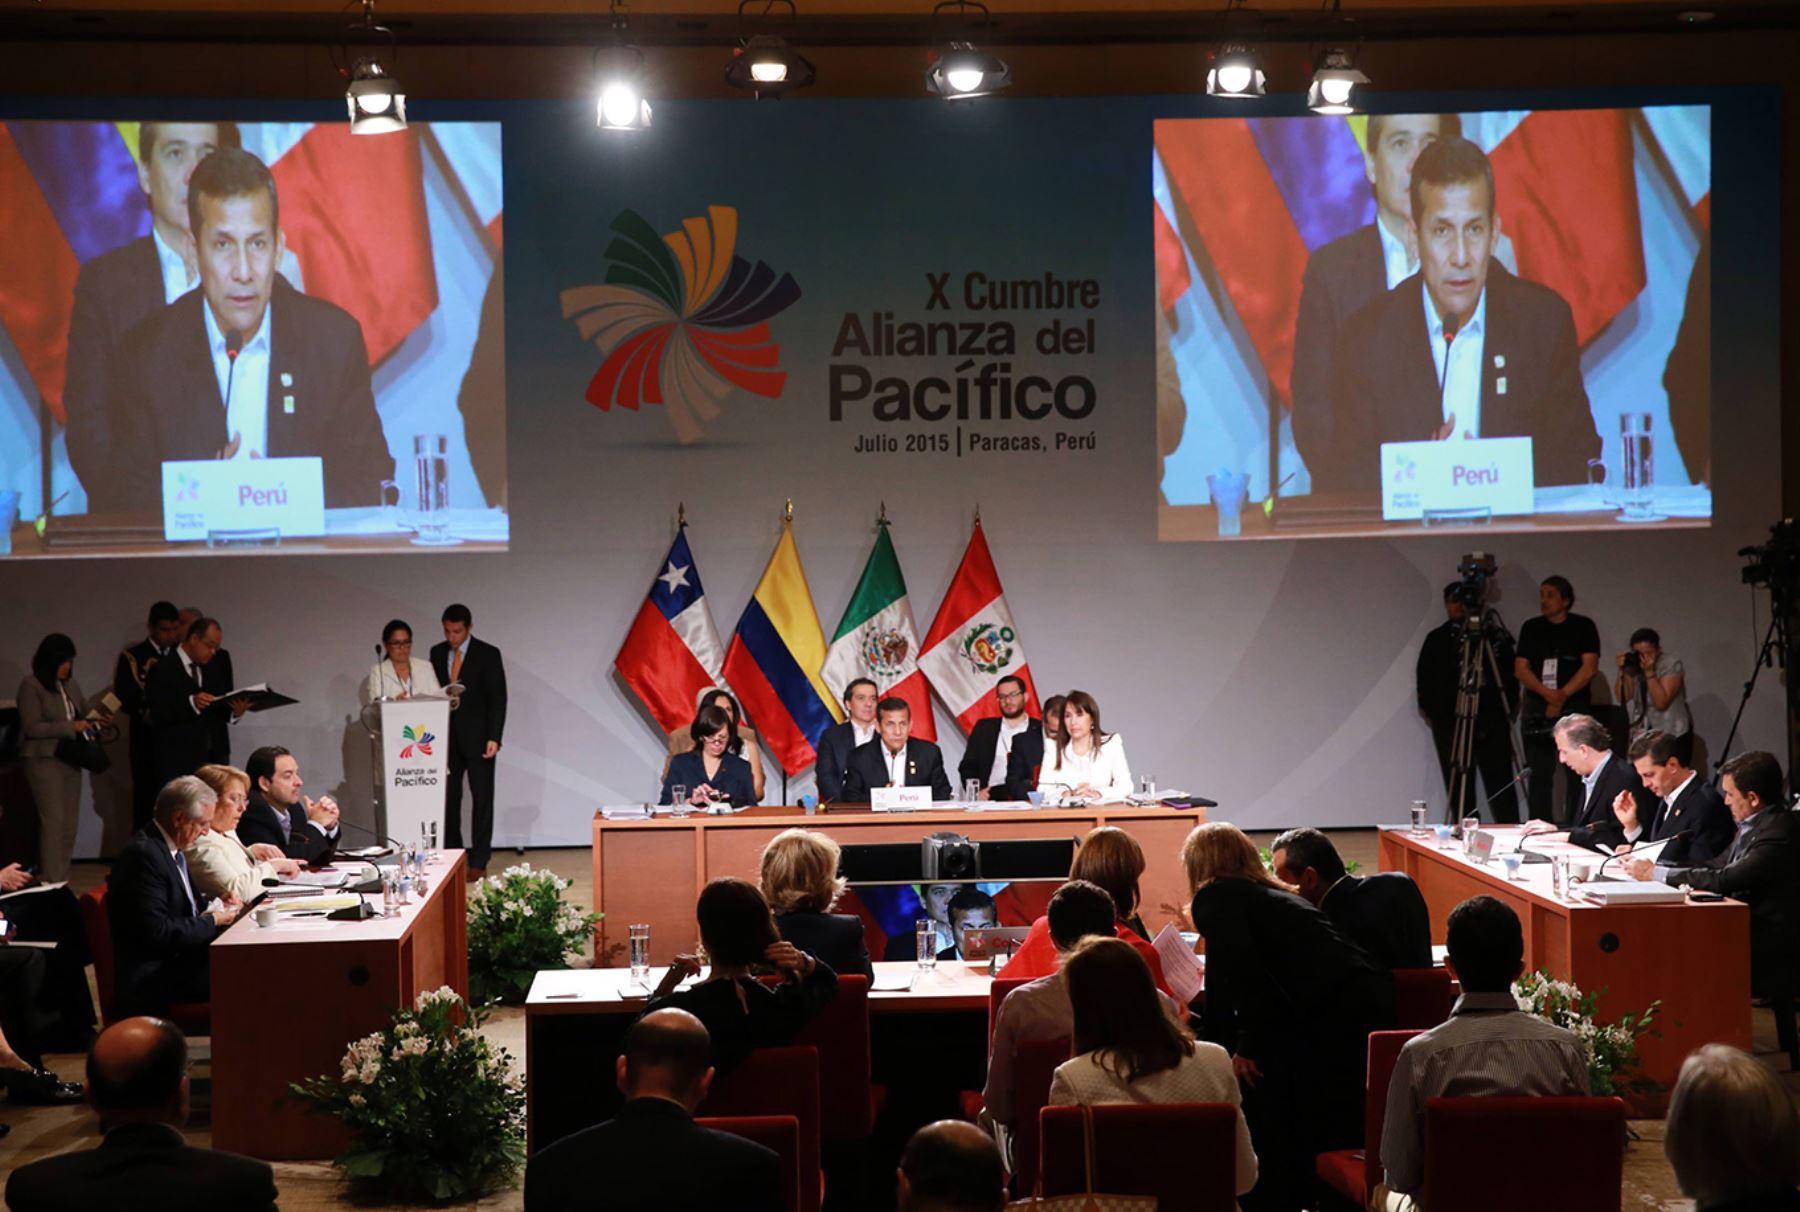 Inicio de la sesión plenaria de la X Cumbre de la Alianza del Pacífico que se desarrolla en la ciudad de Paracas. Foto: Prensa Presidencia